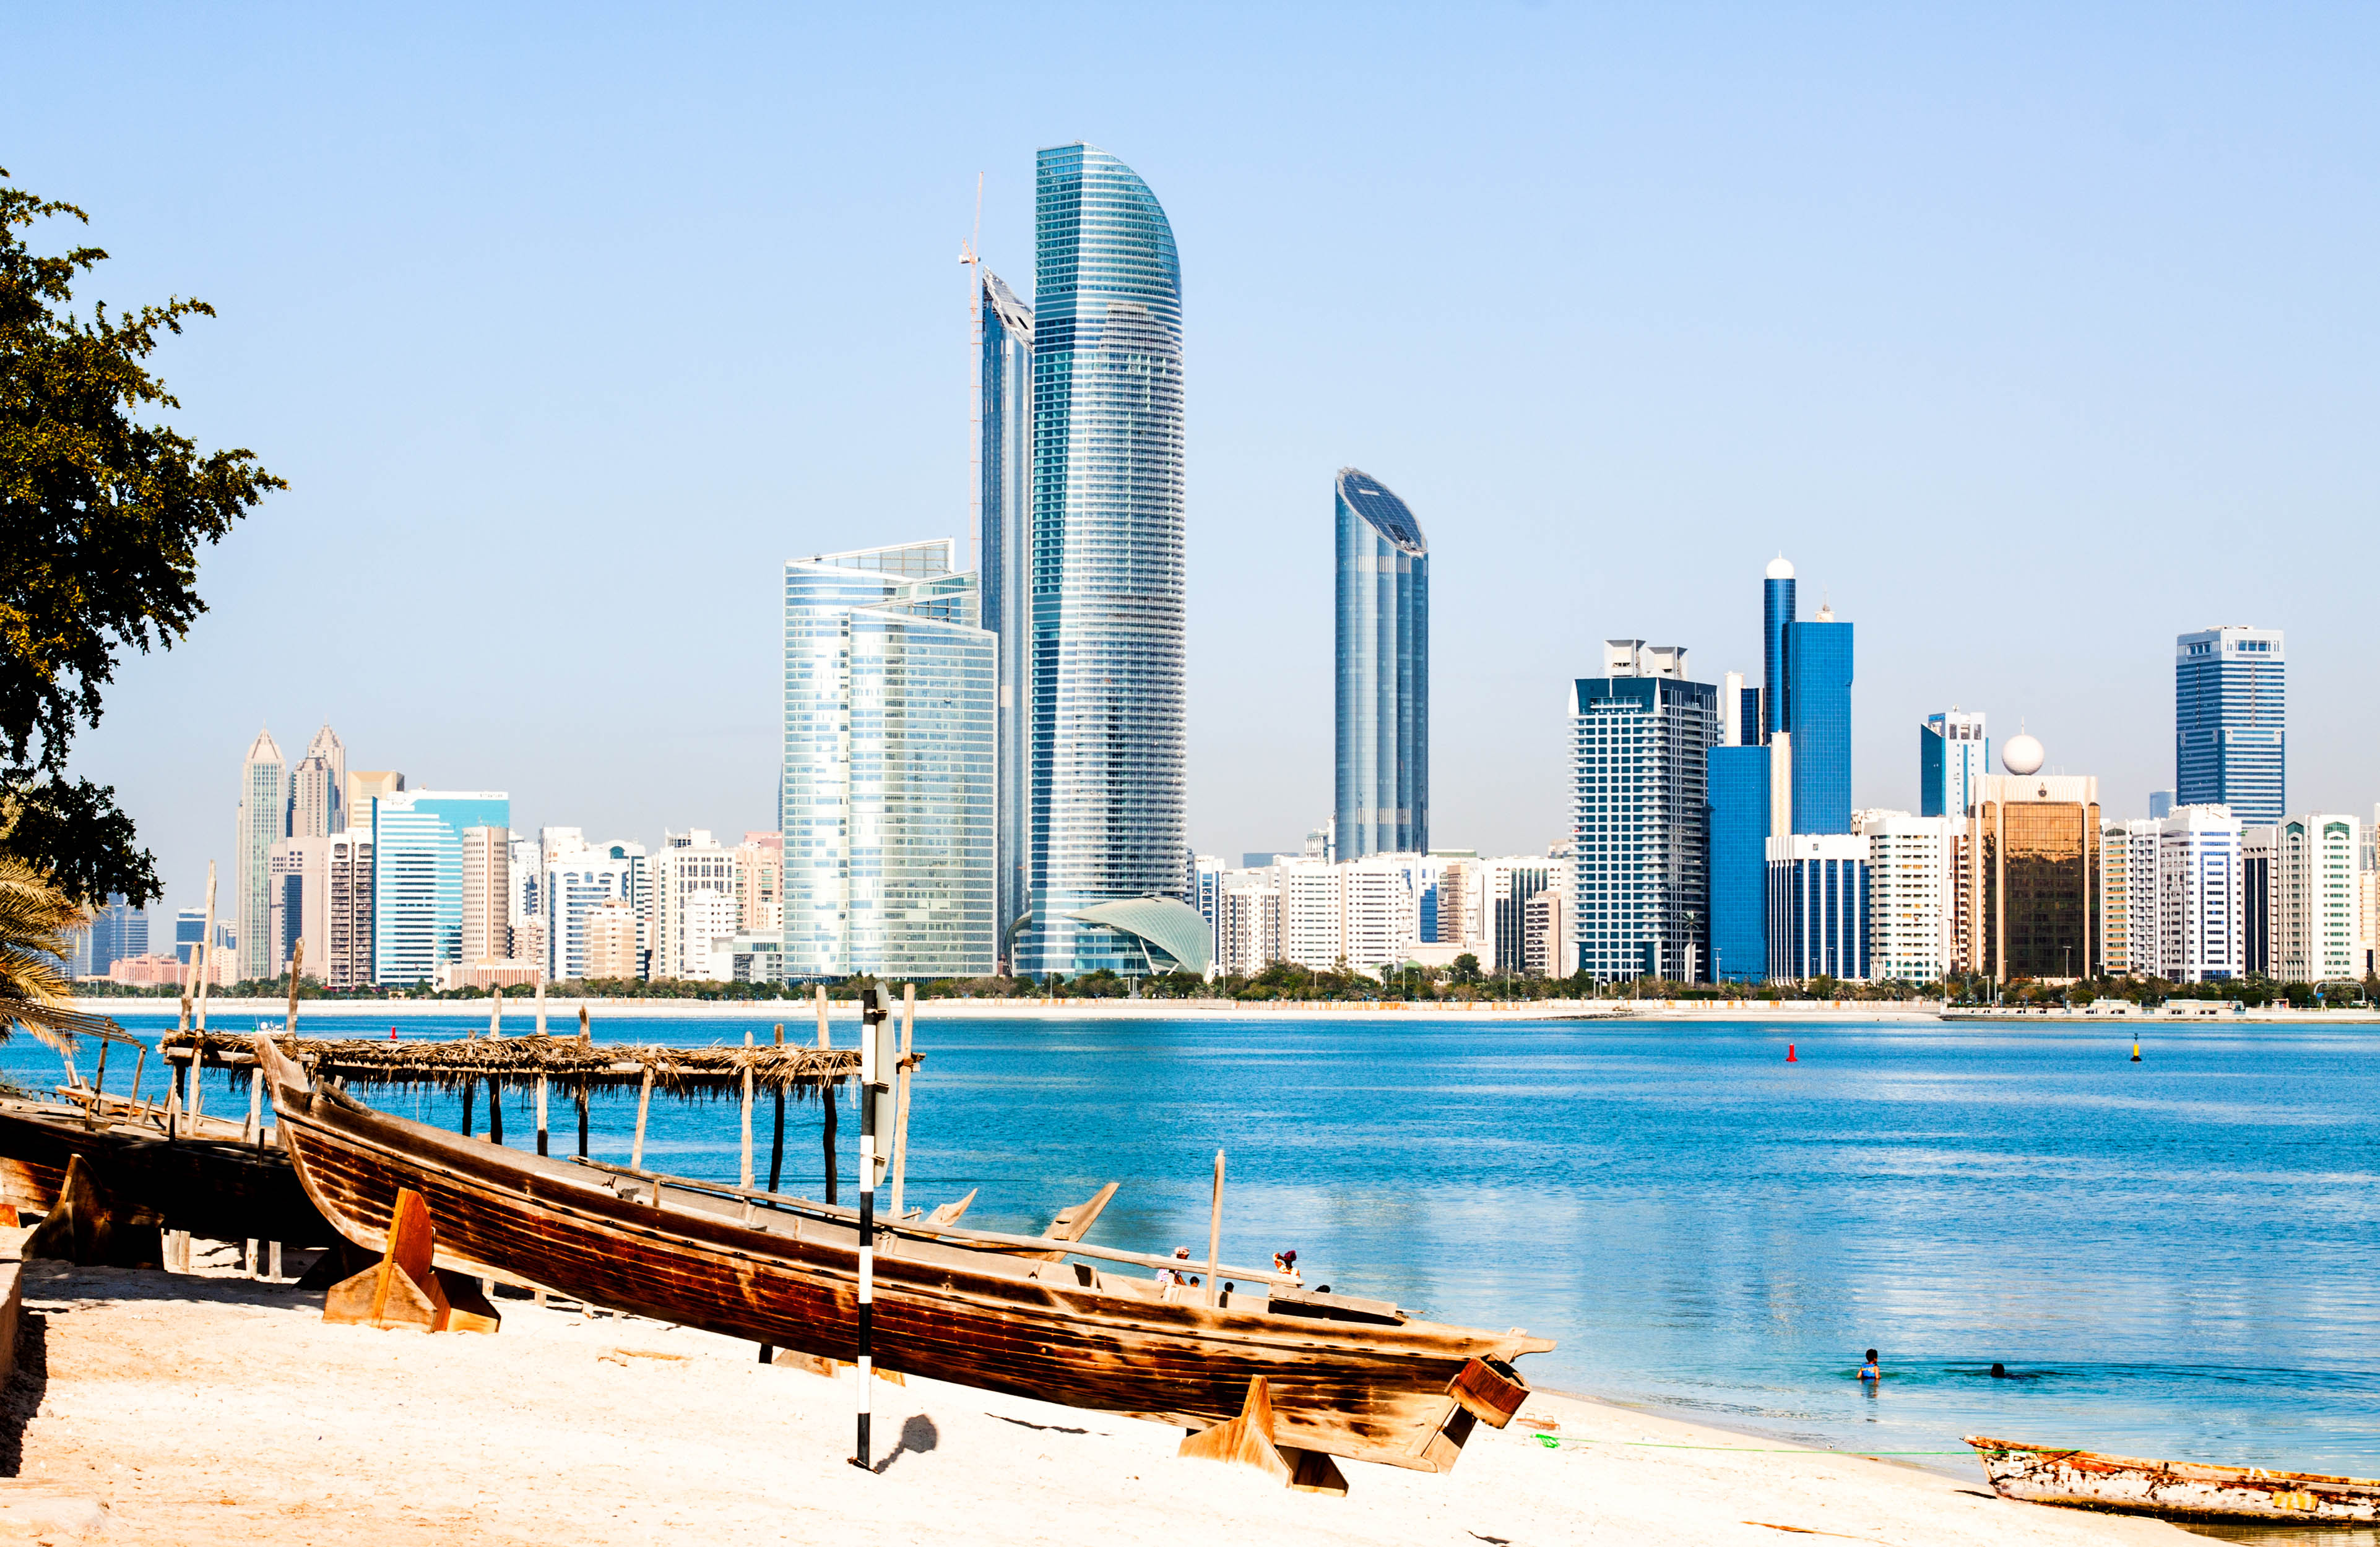 ОАЭ вводят пятилетние визы для иностранцев-пенсионеров